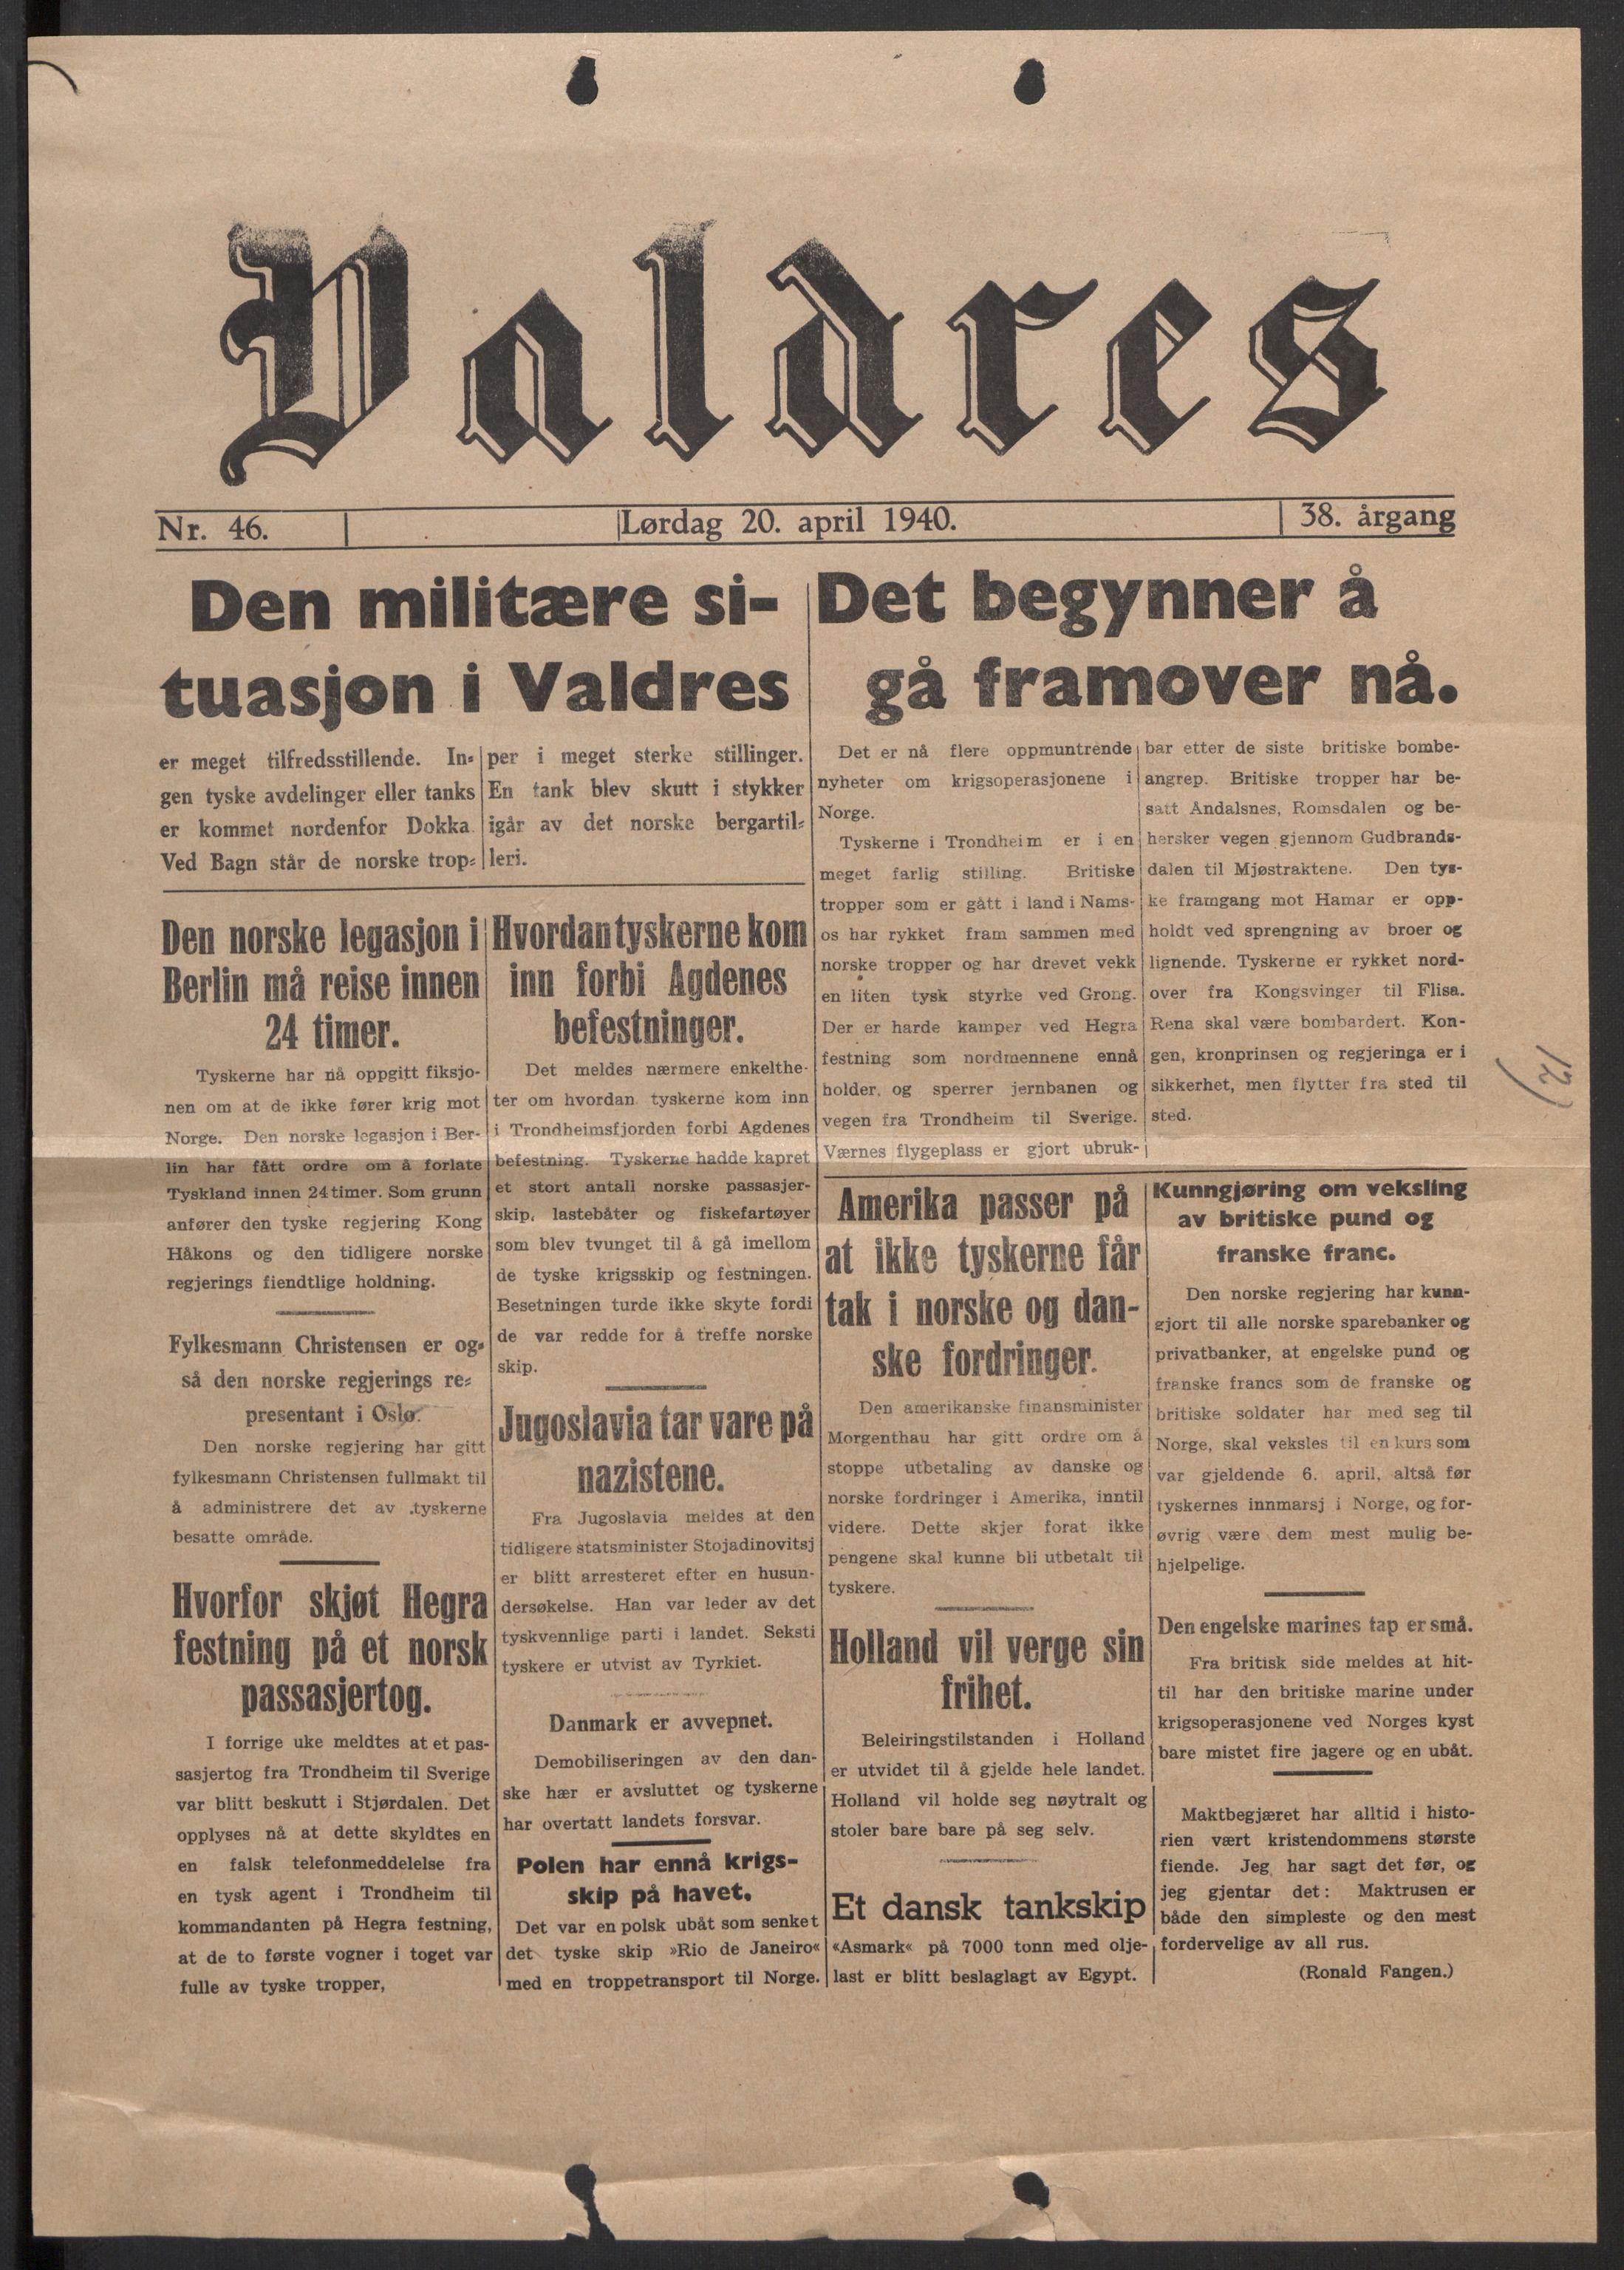 RA, Forsvaret, Forsvarets krigshistoriske avdeling, Y/Yb/L0104: II-C-11-430  -  4. Divisjon., 1940, s. 304